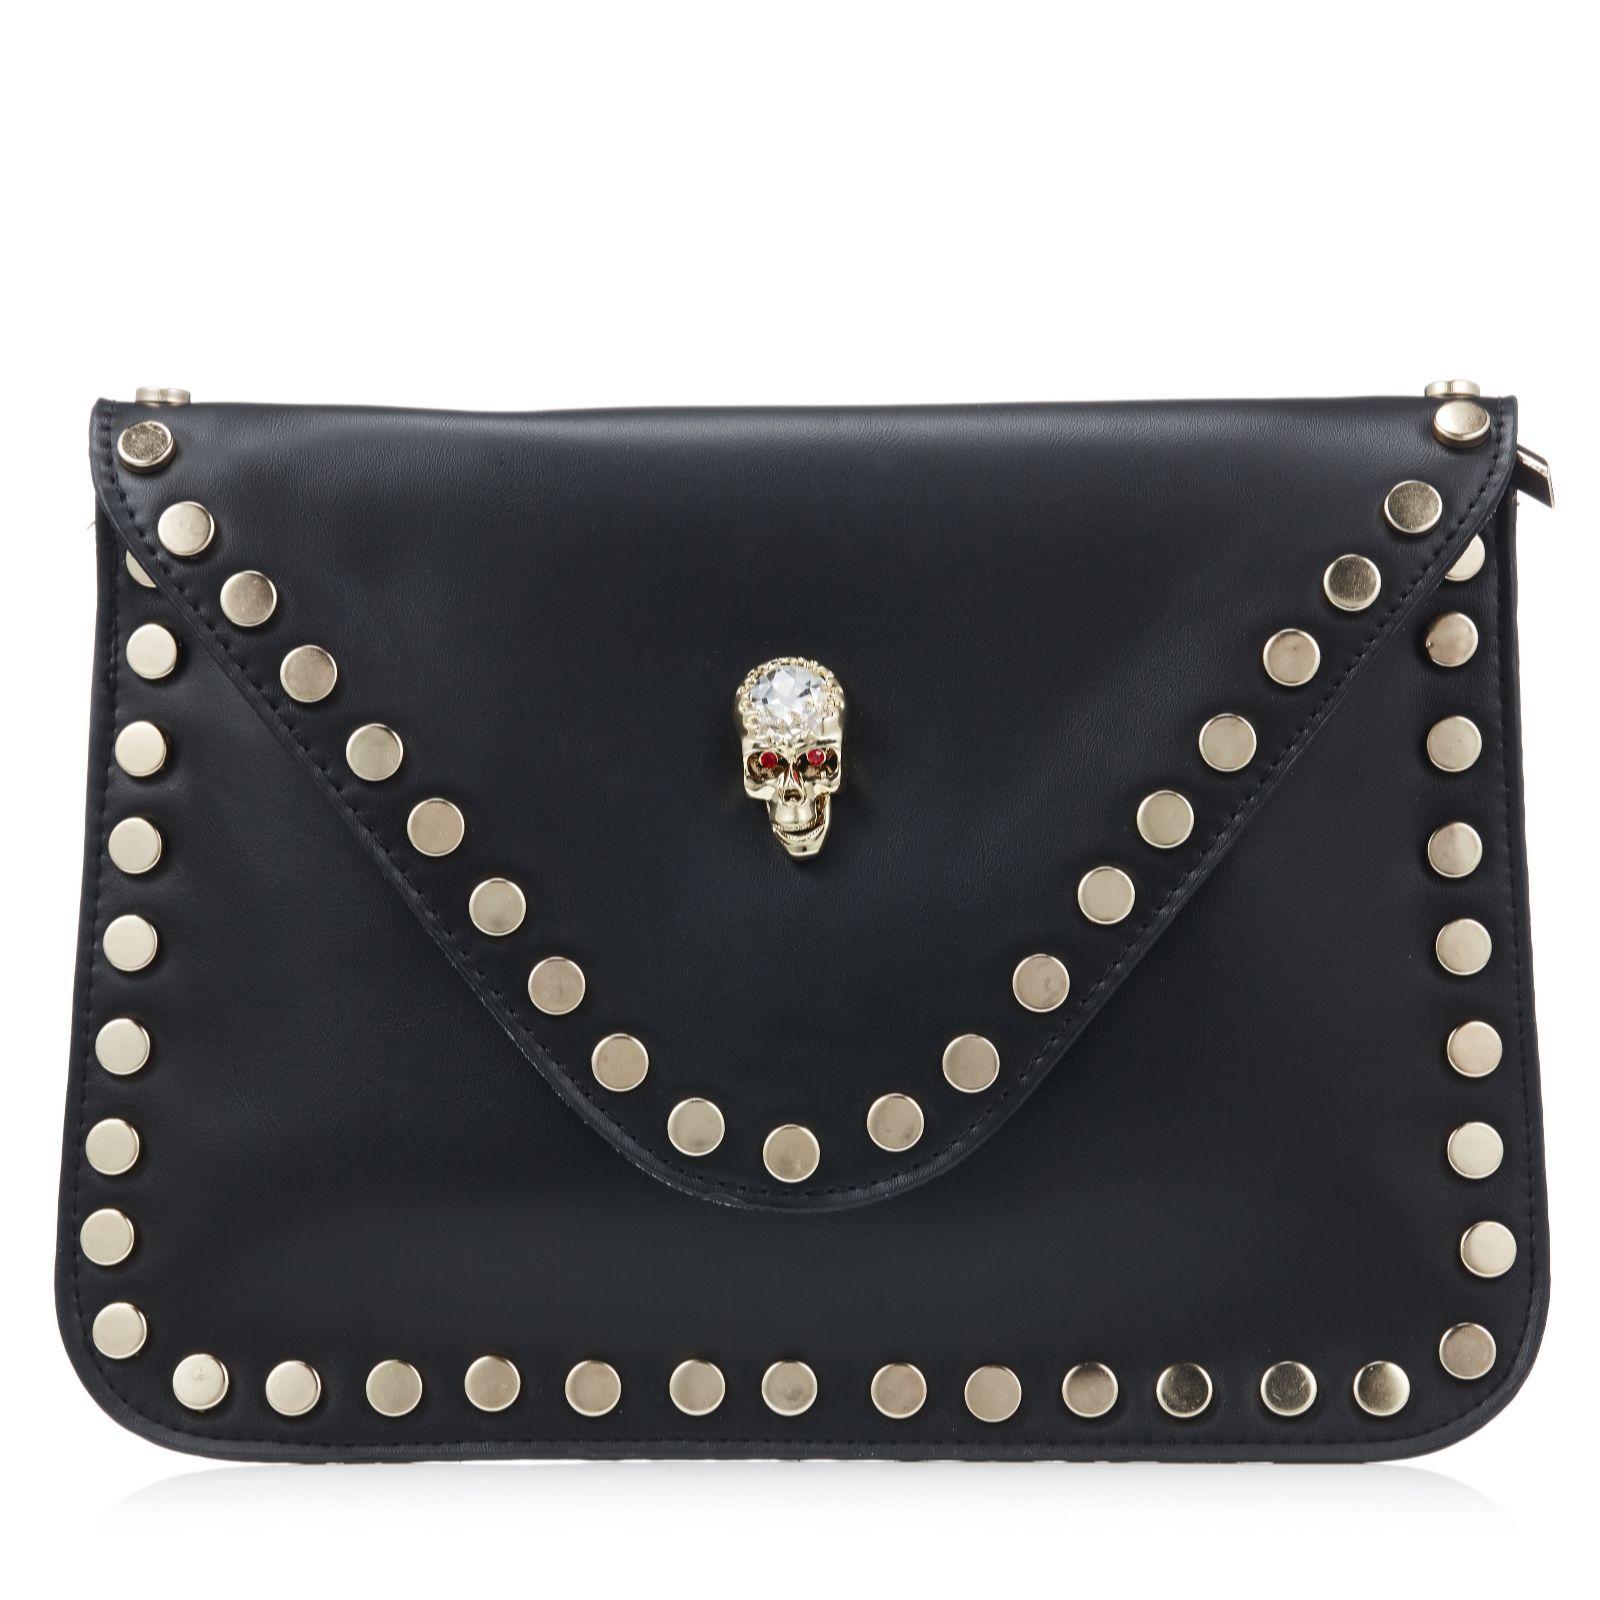 Silver leather tote bag uk - Butler Wilson Envelope Shape Skull Ornament Clutch Bag 165666